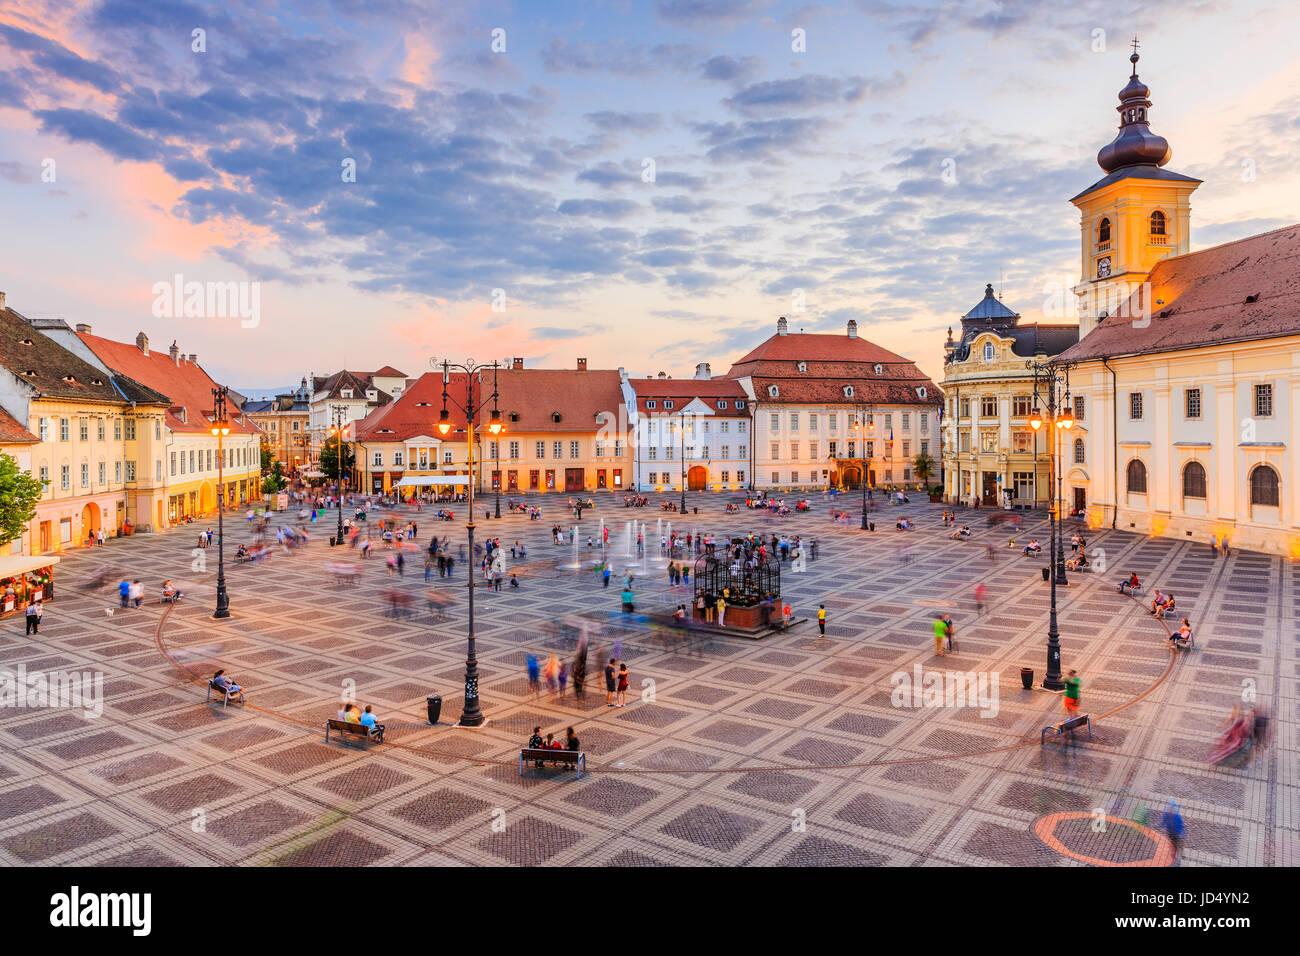 Sibiu, Rumänien. Großen Ring (Piata Mare) mit dem Rathaus und Brukenthal Palast in Siebenbürgen. Stockbild